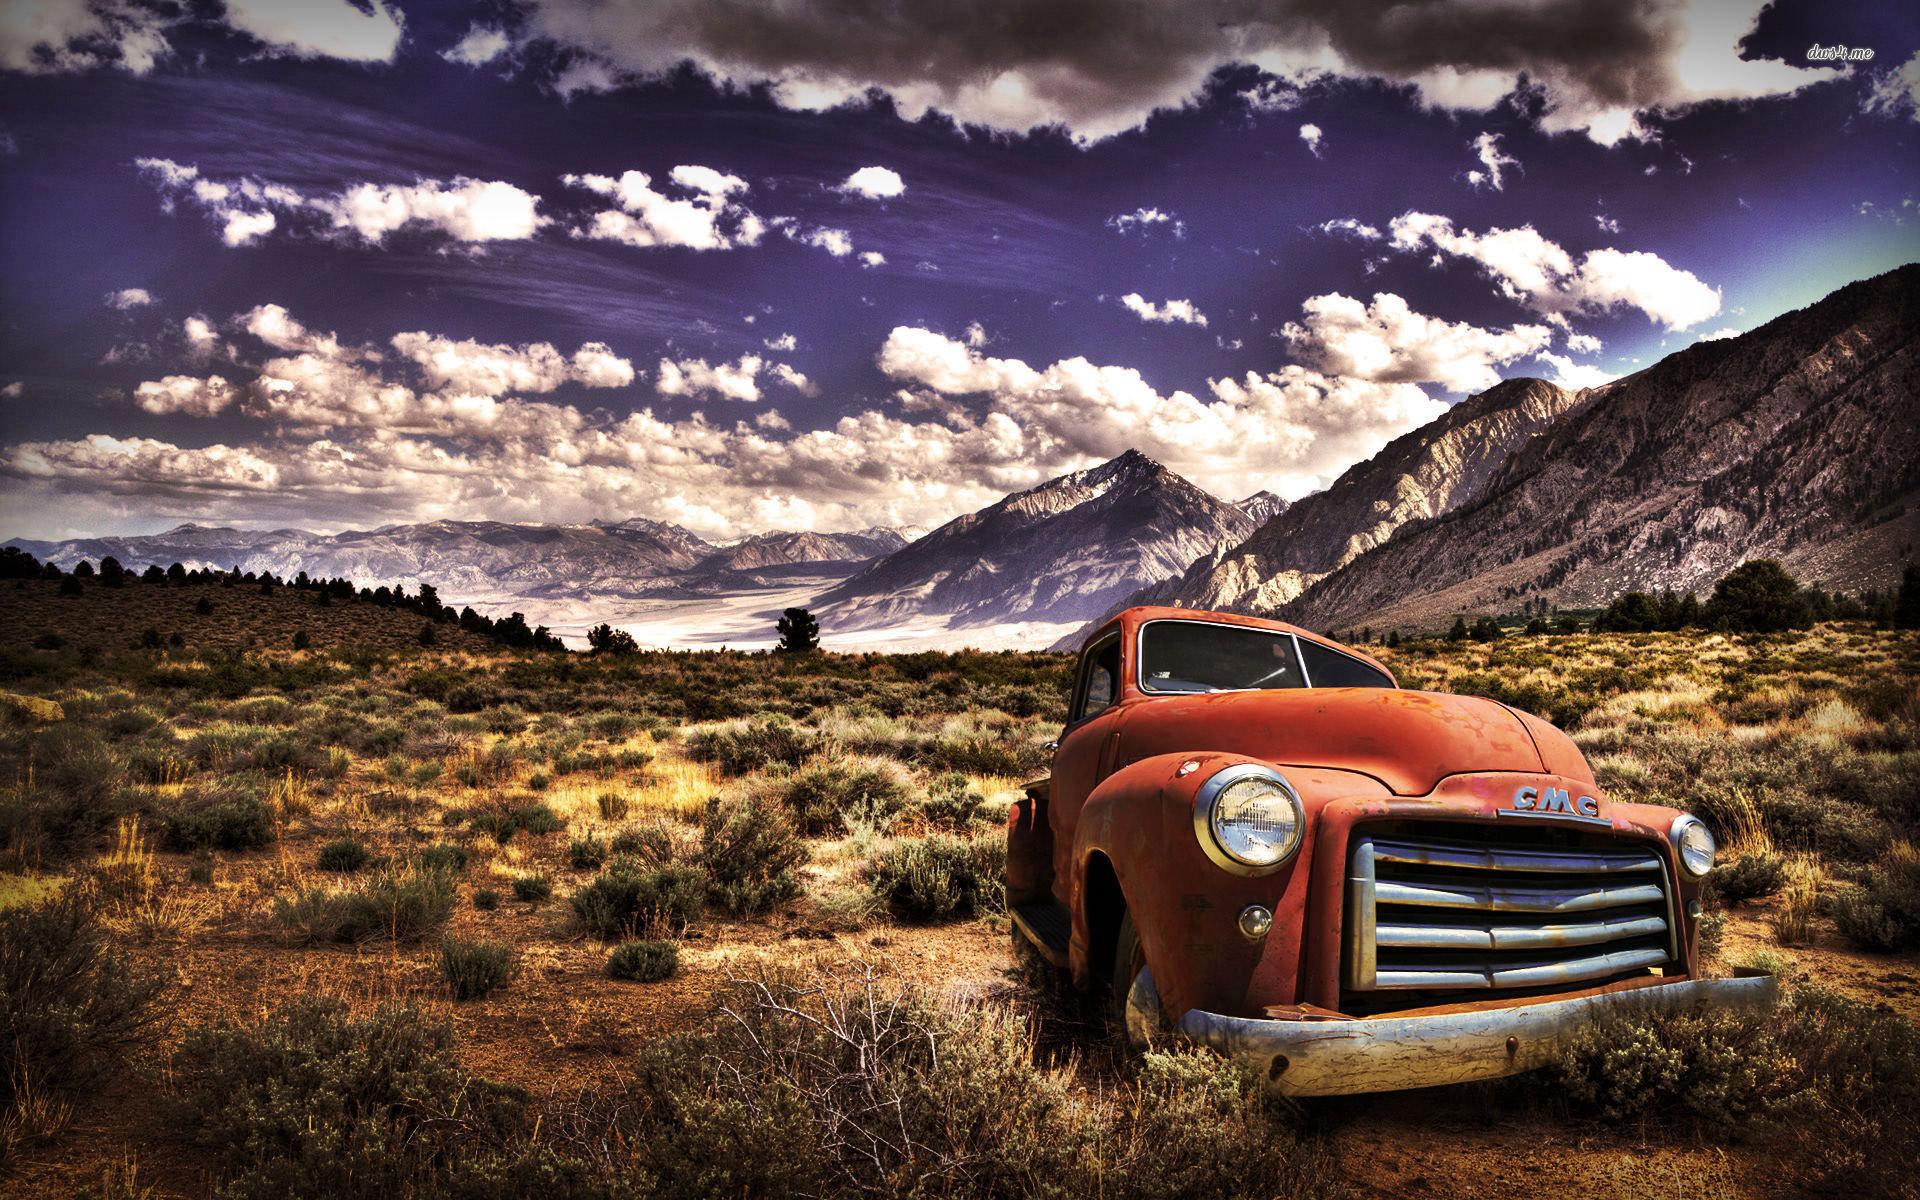 Chevy Truck Wallpaper